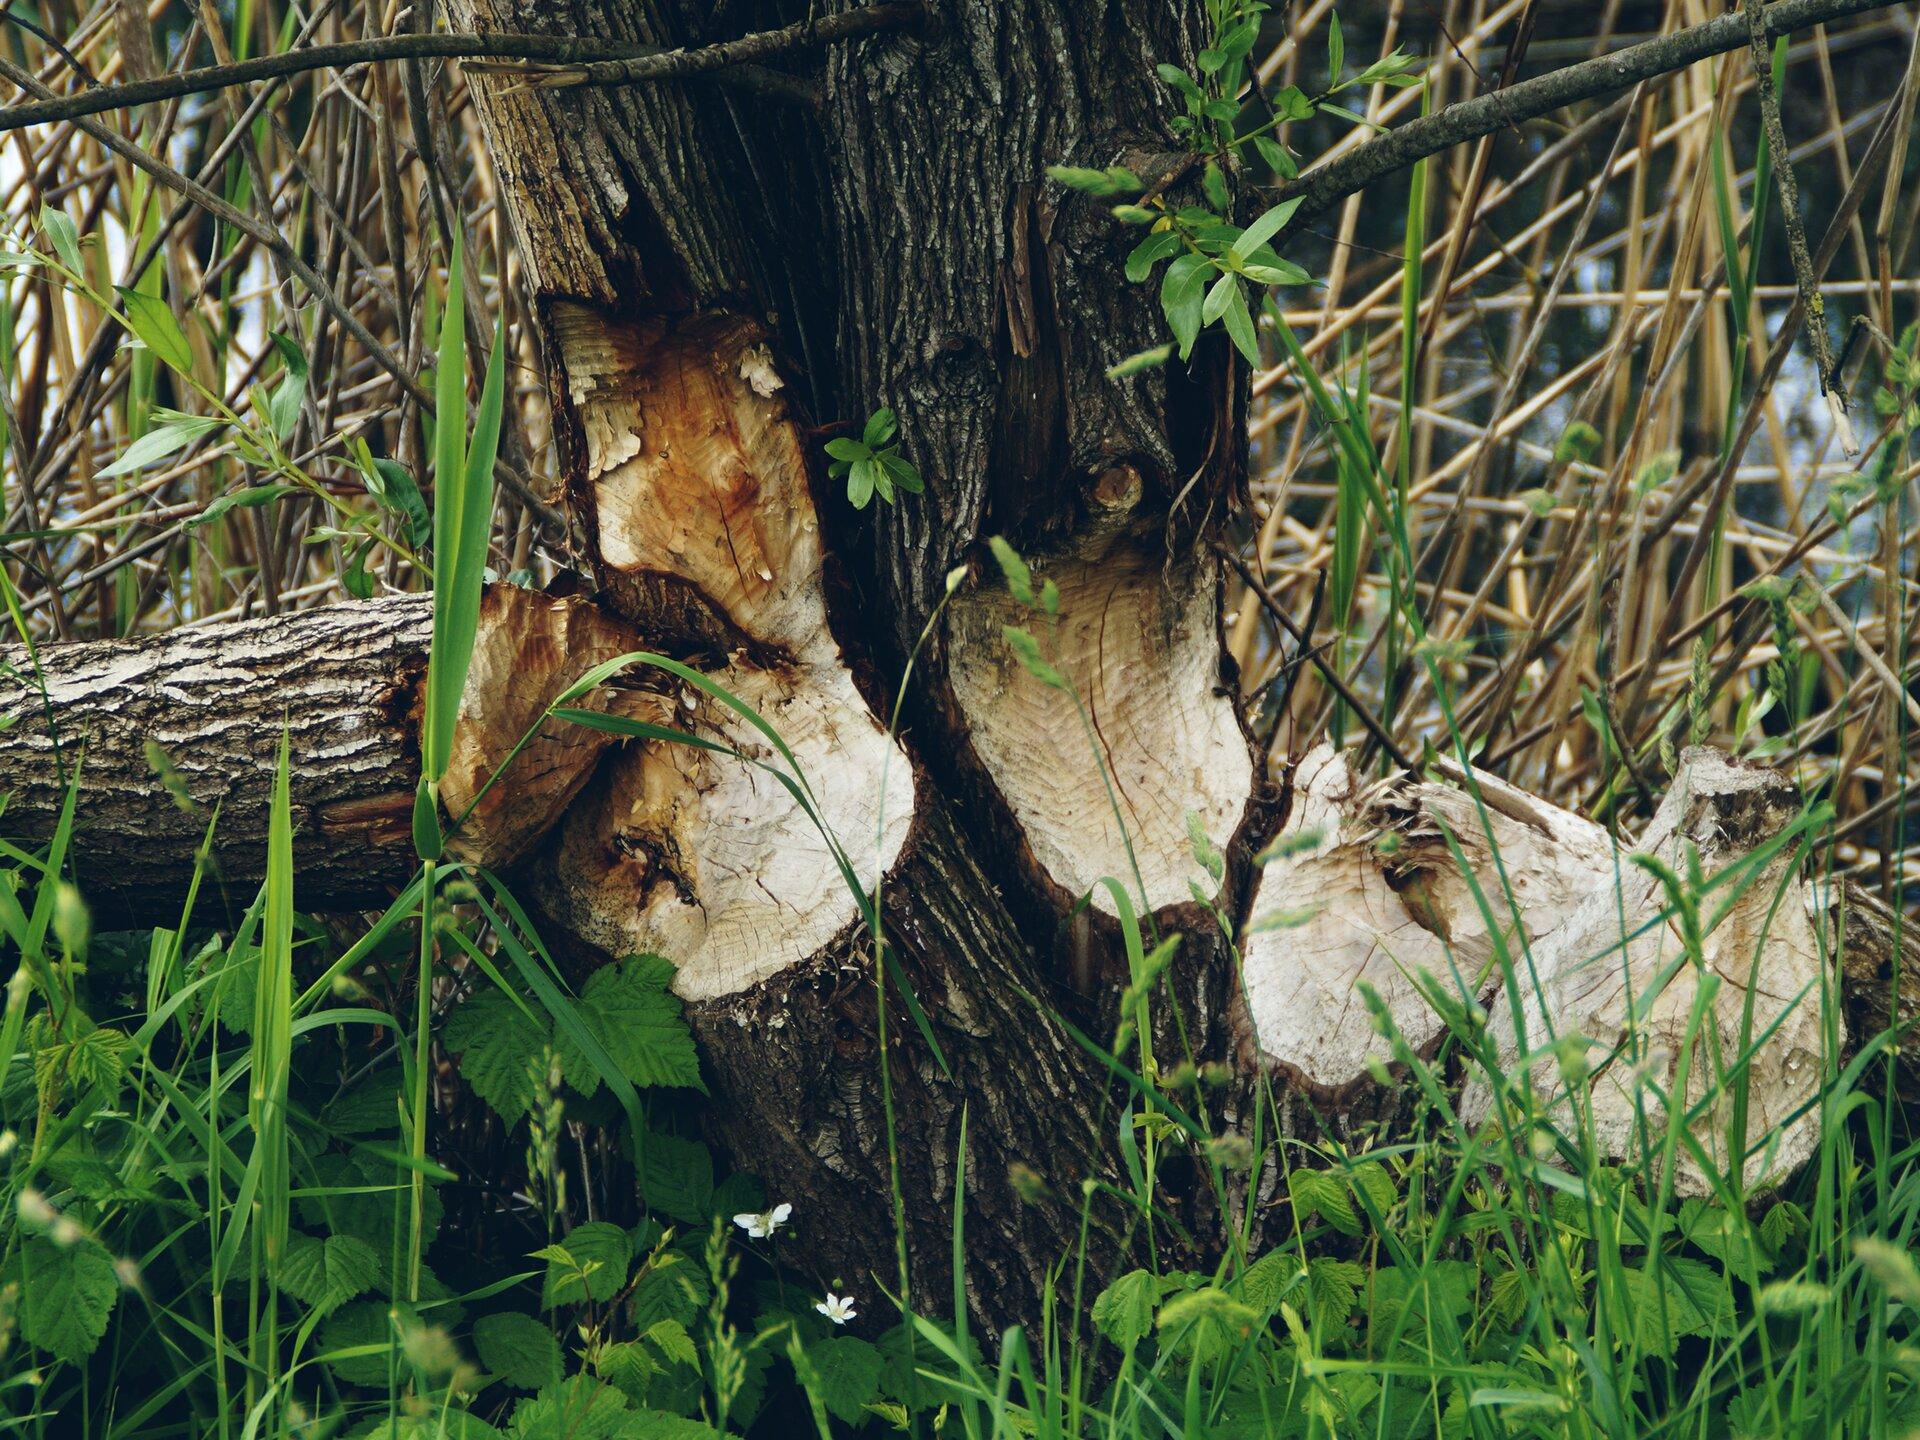 Pień drzewa wygryziony przez bobra Pień drzewa wygryziony przez bobra Źródło: domena publiczna.